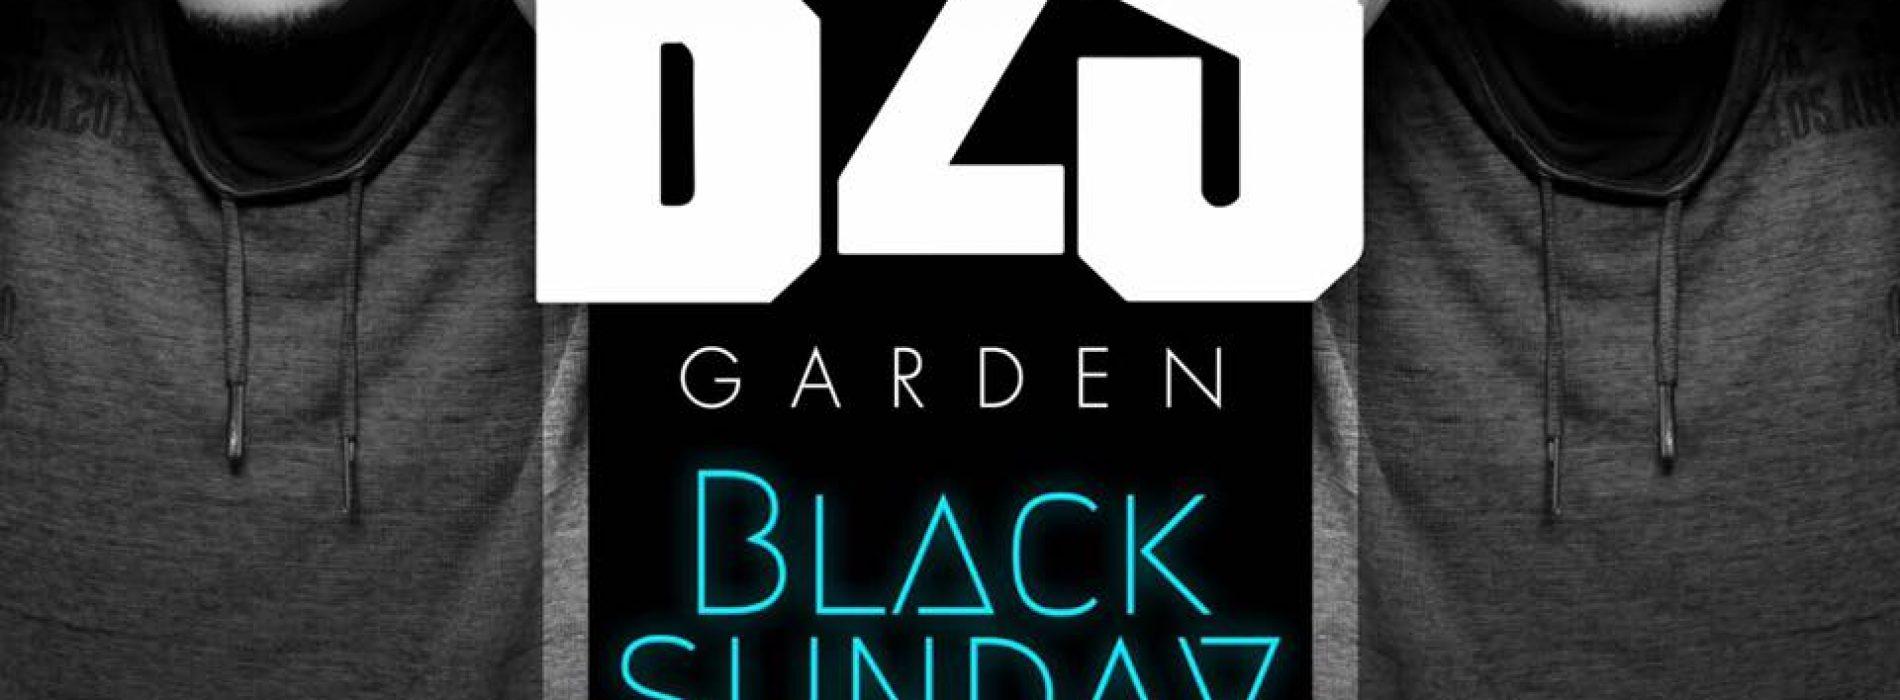 B2S GARDEN -BLACK SUNDAY ►DIMANCHE 03 SEPT ► Du très bon son, des entrées gratuites et une ambiance hors-du-commun mêlant Hip-Hop & son chauds caribéens